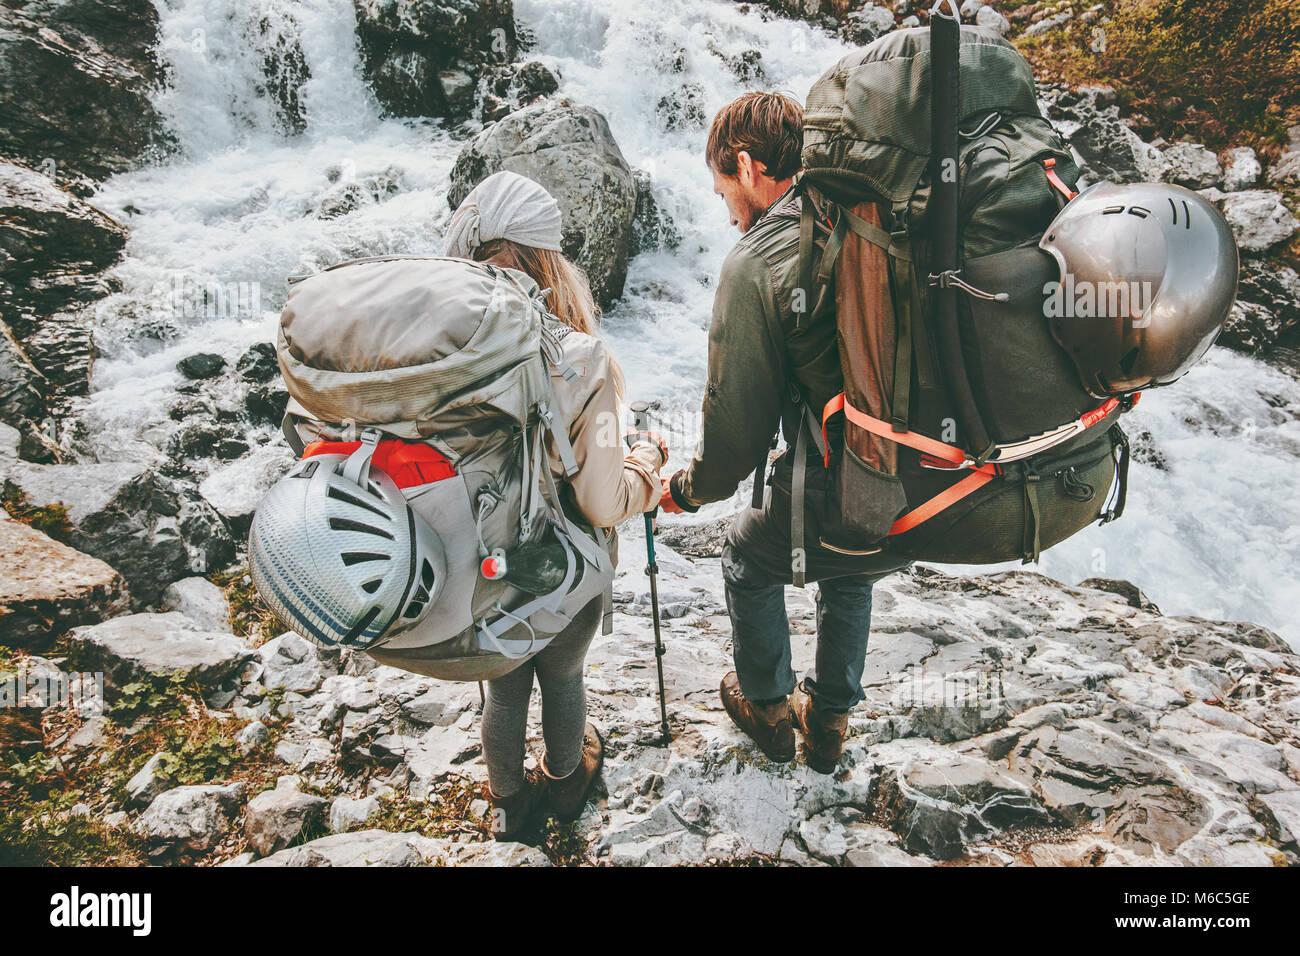 Giovane backpackers amici escursioni in montagna al fiume di amore e di stile di vita viaggio wanderlust concetto Immagini Stock